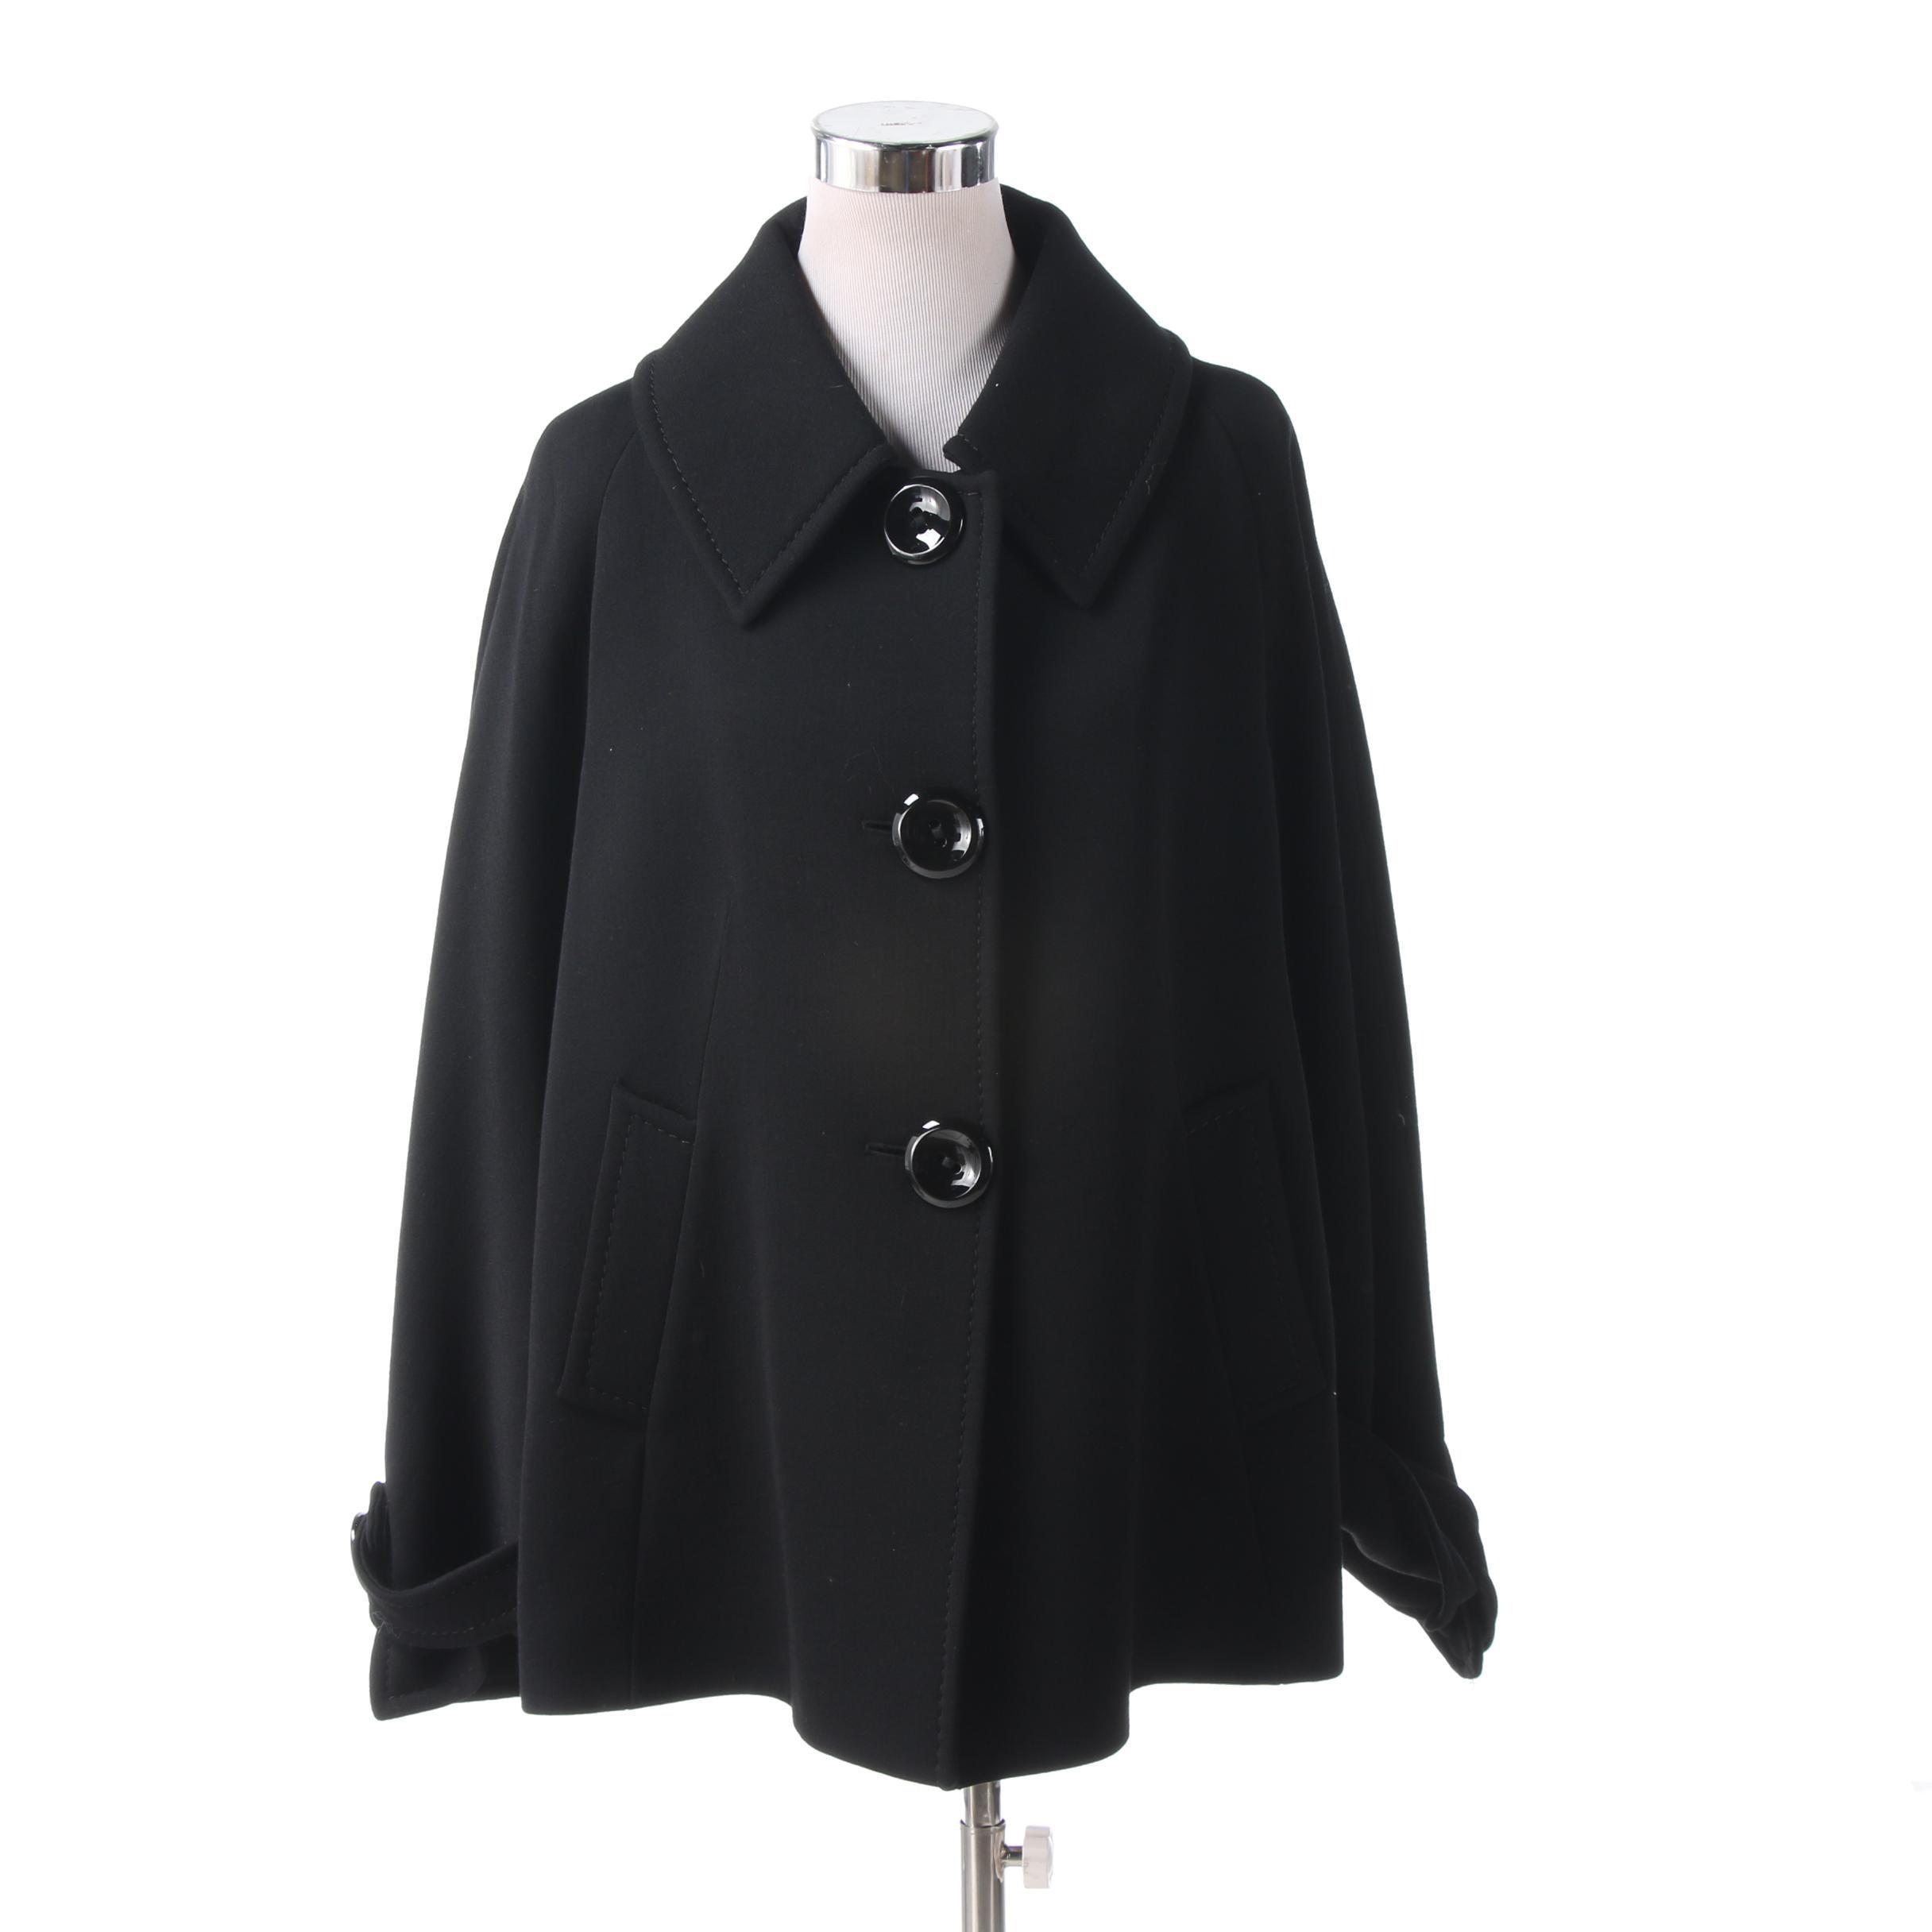 Cinzia Rocca Black Wool Cropped Swing Coat